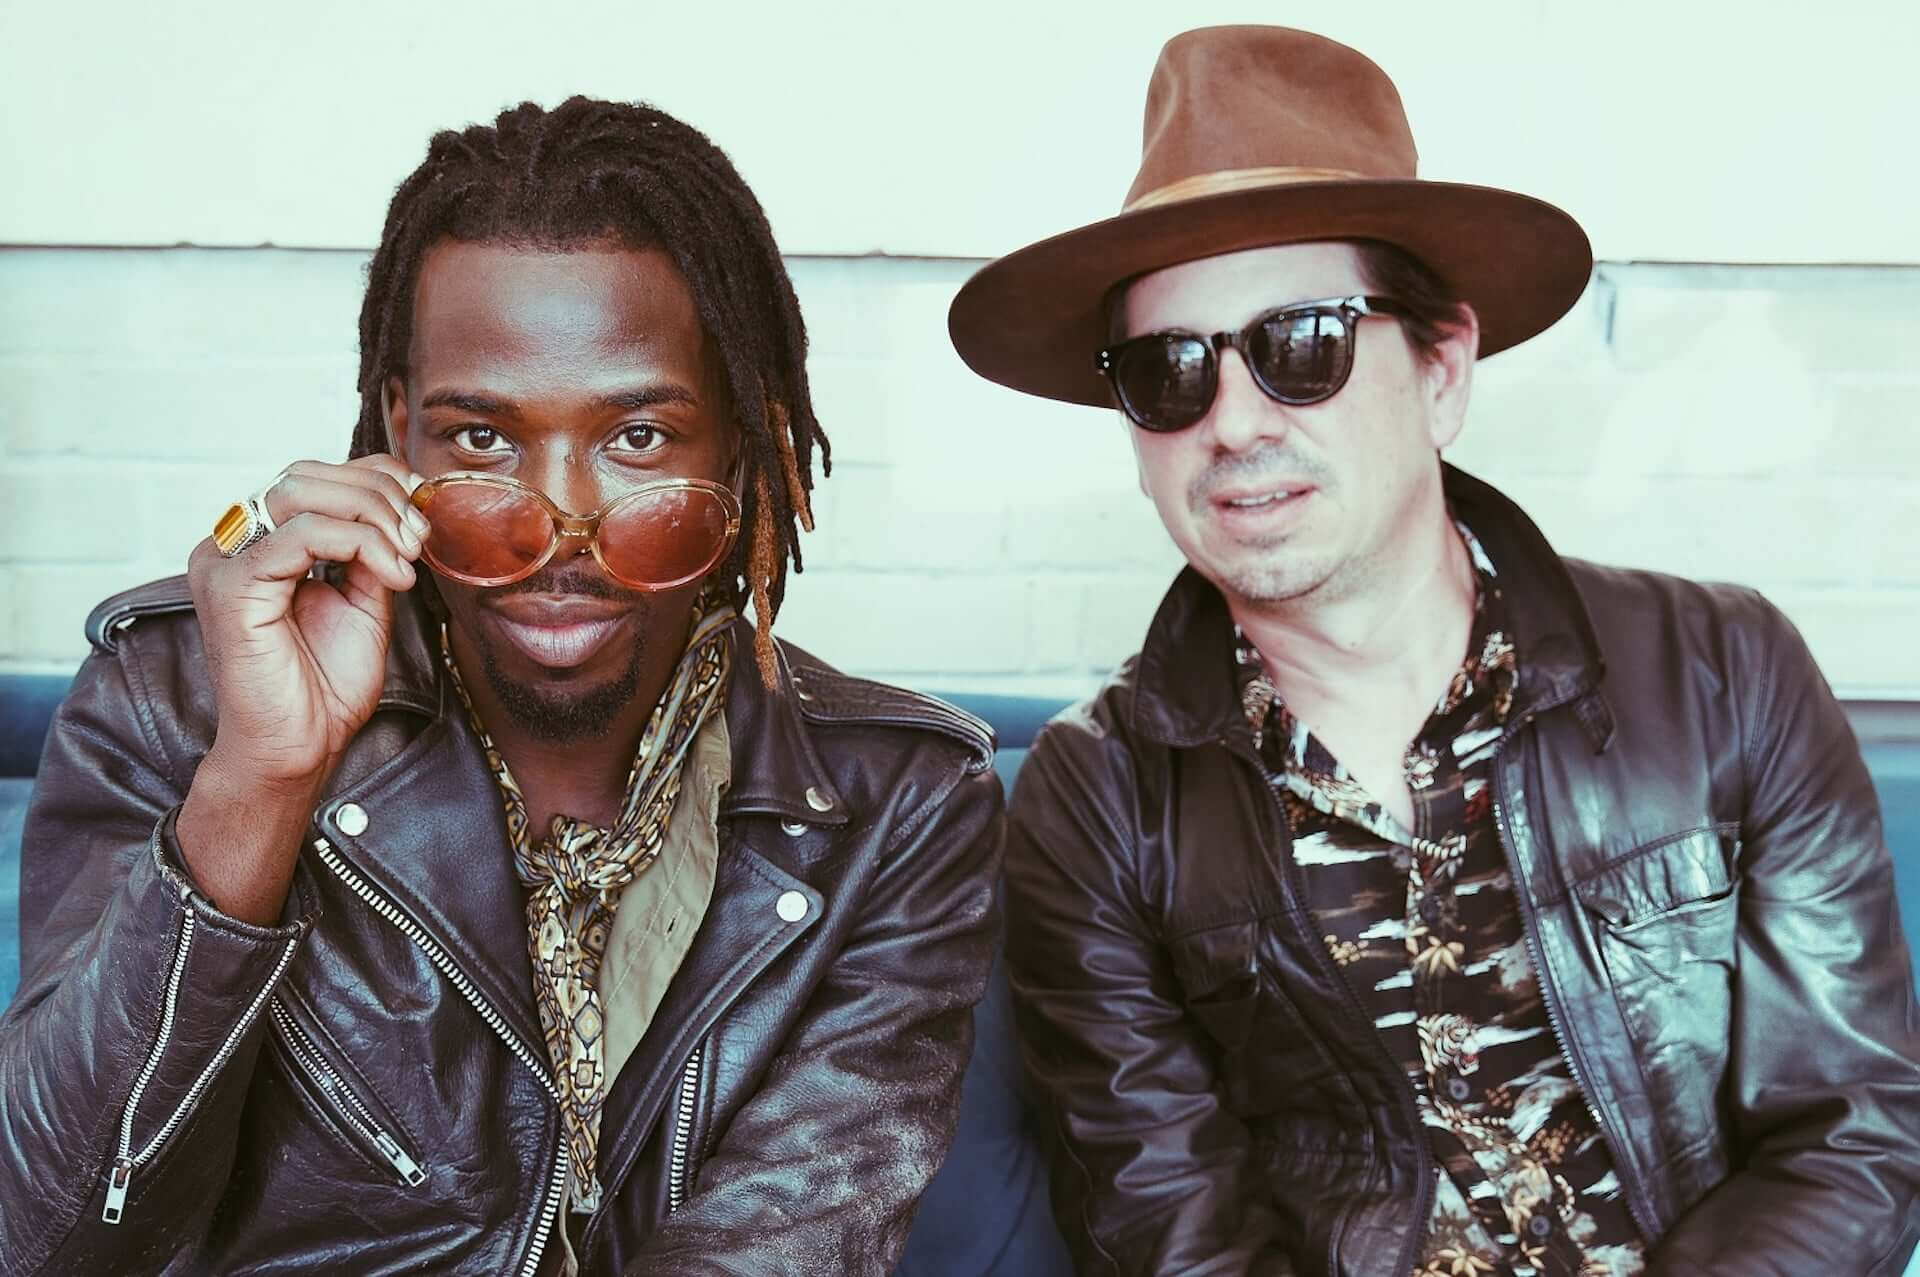 """Black Pumasがデビューアルバムのデラックス版にも収録した""""I'm Ready""""のライブセッション映像を公開! music200902_blackpumas_4-1920x1277"""